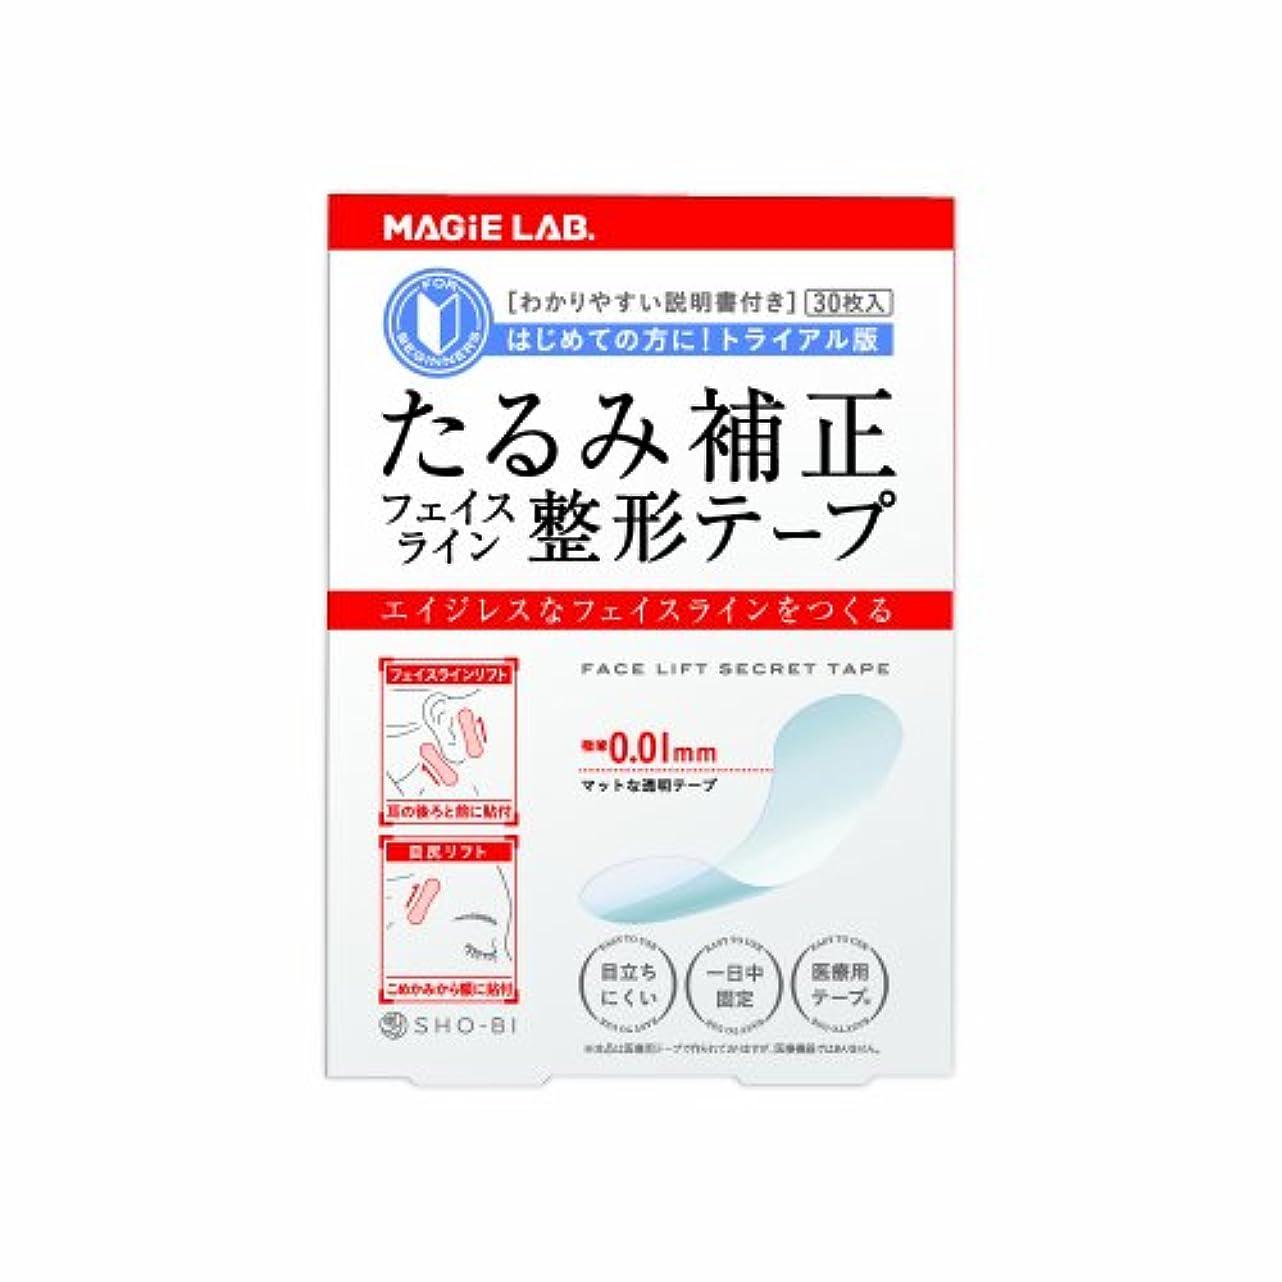 小さな予測子同化フェイスライン 整形テープ トライアル版 30枚入 ( MG22106 ) マジラボ MAGiE LAB.